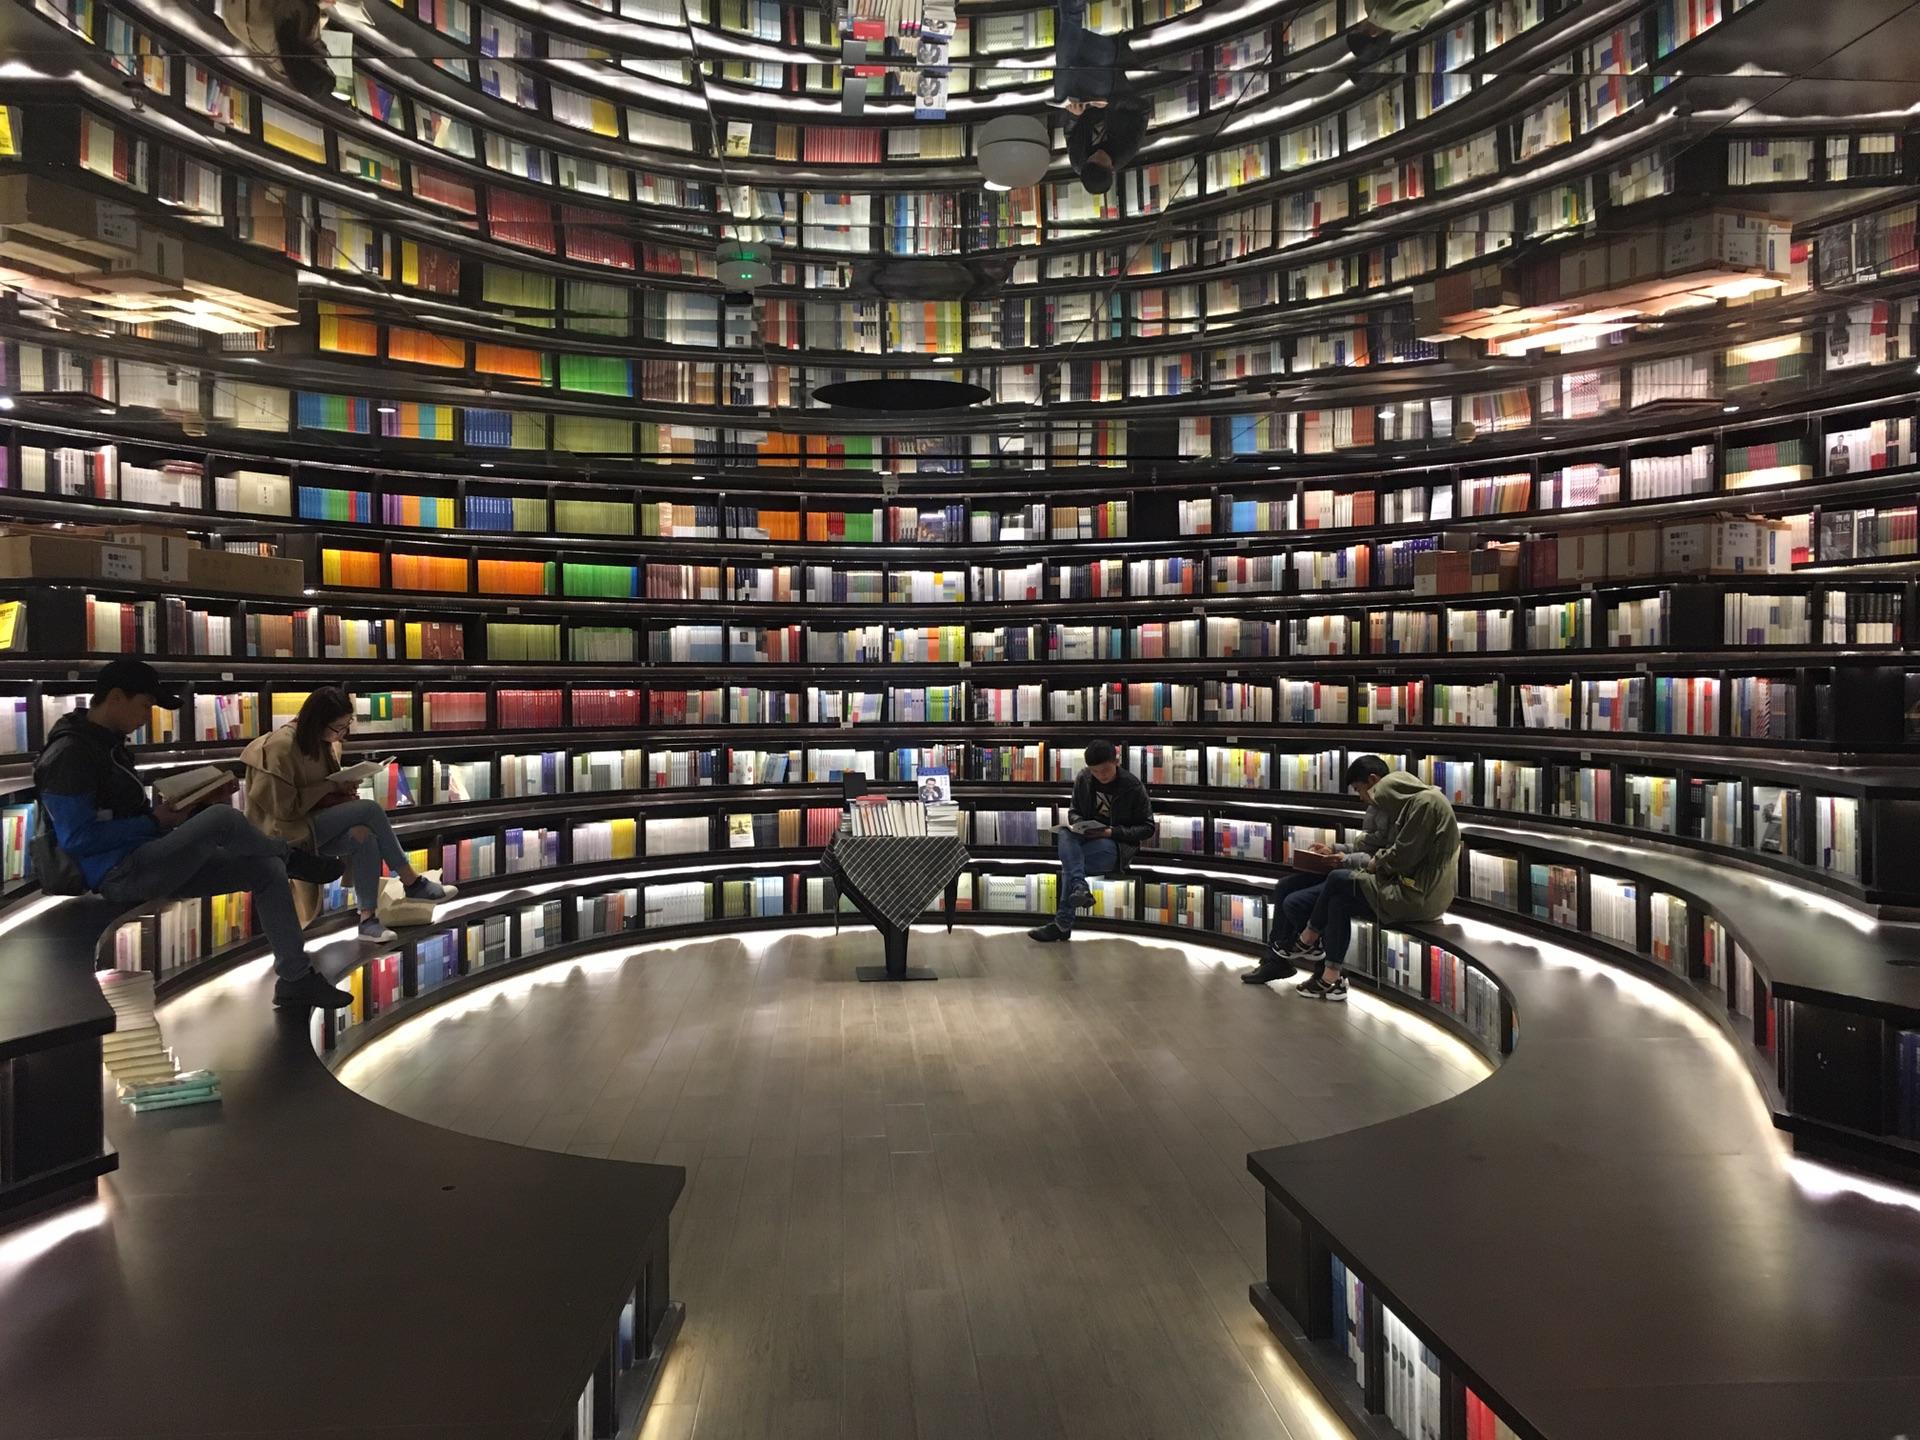 杭州网红书店推荐,杭州网红书店有哪些